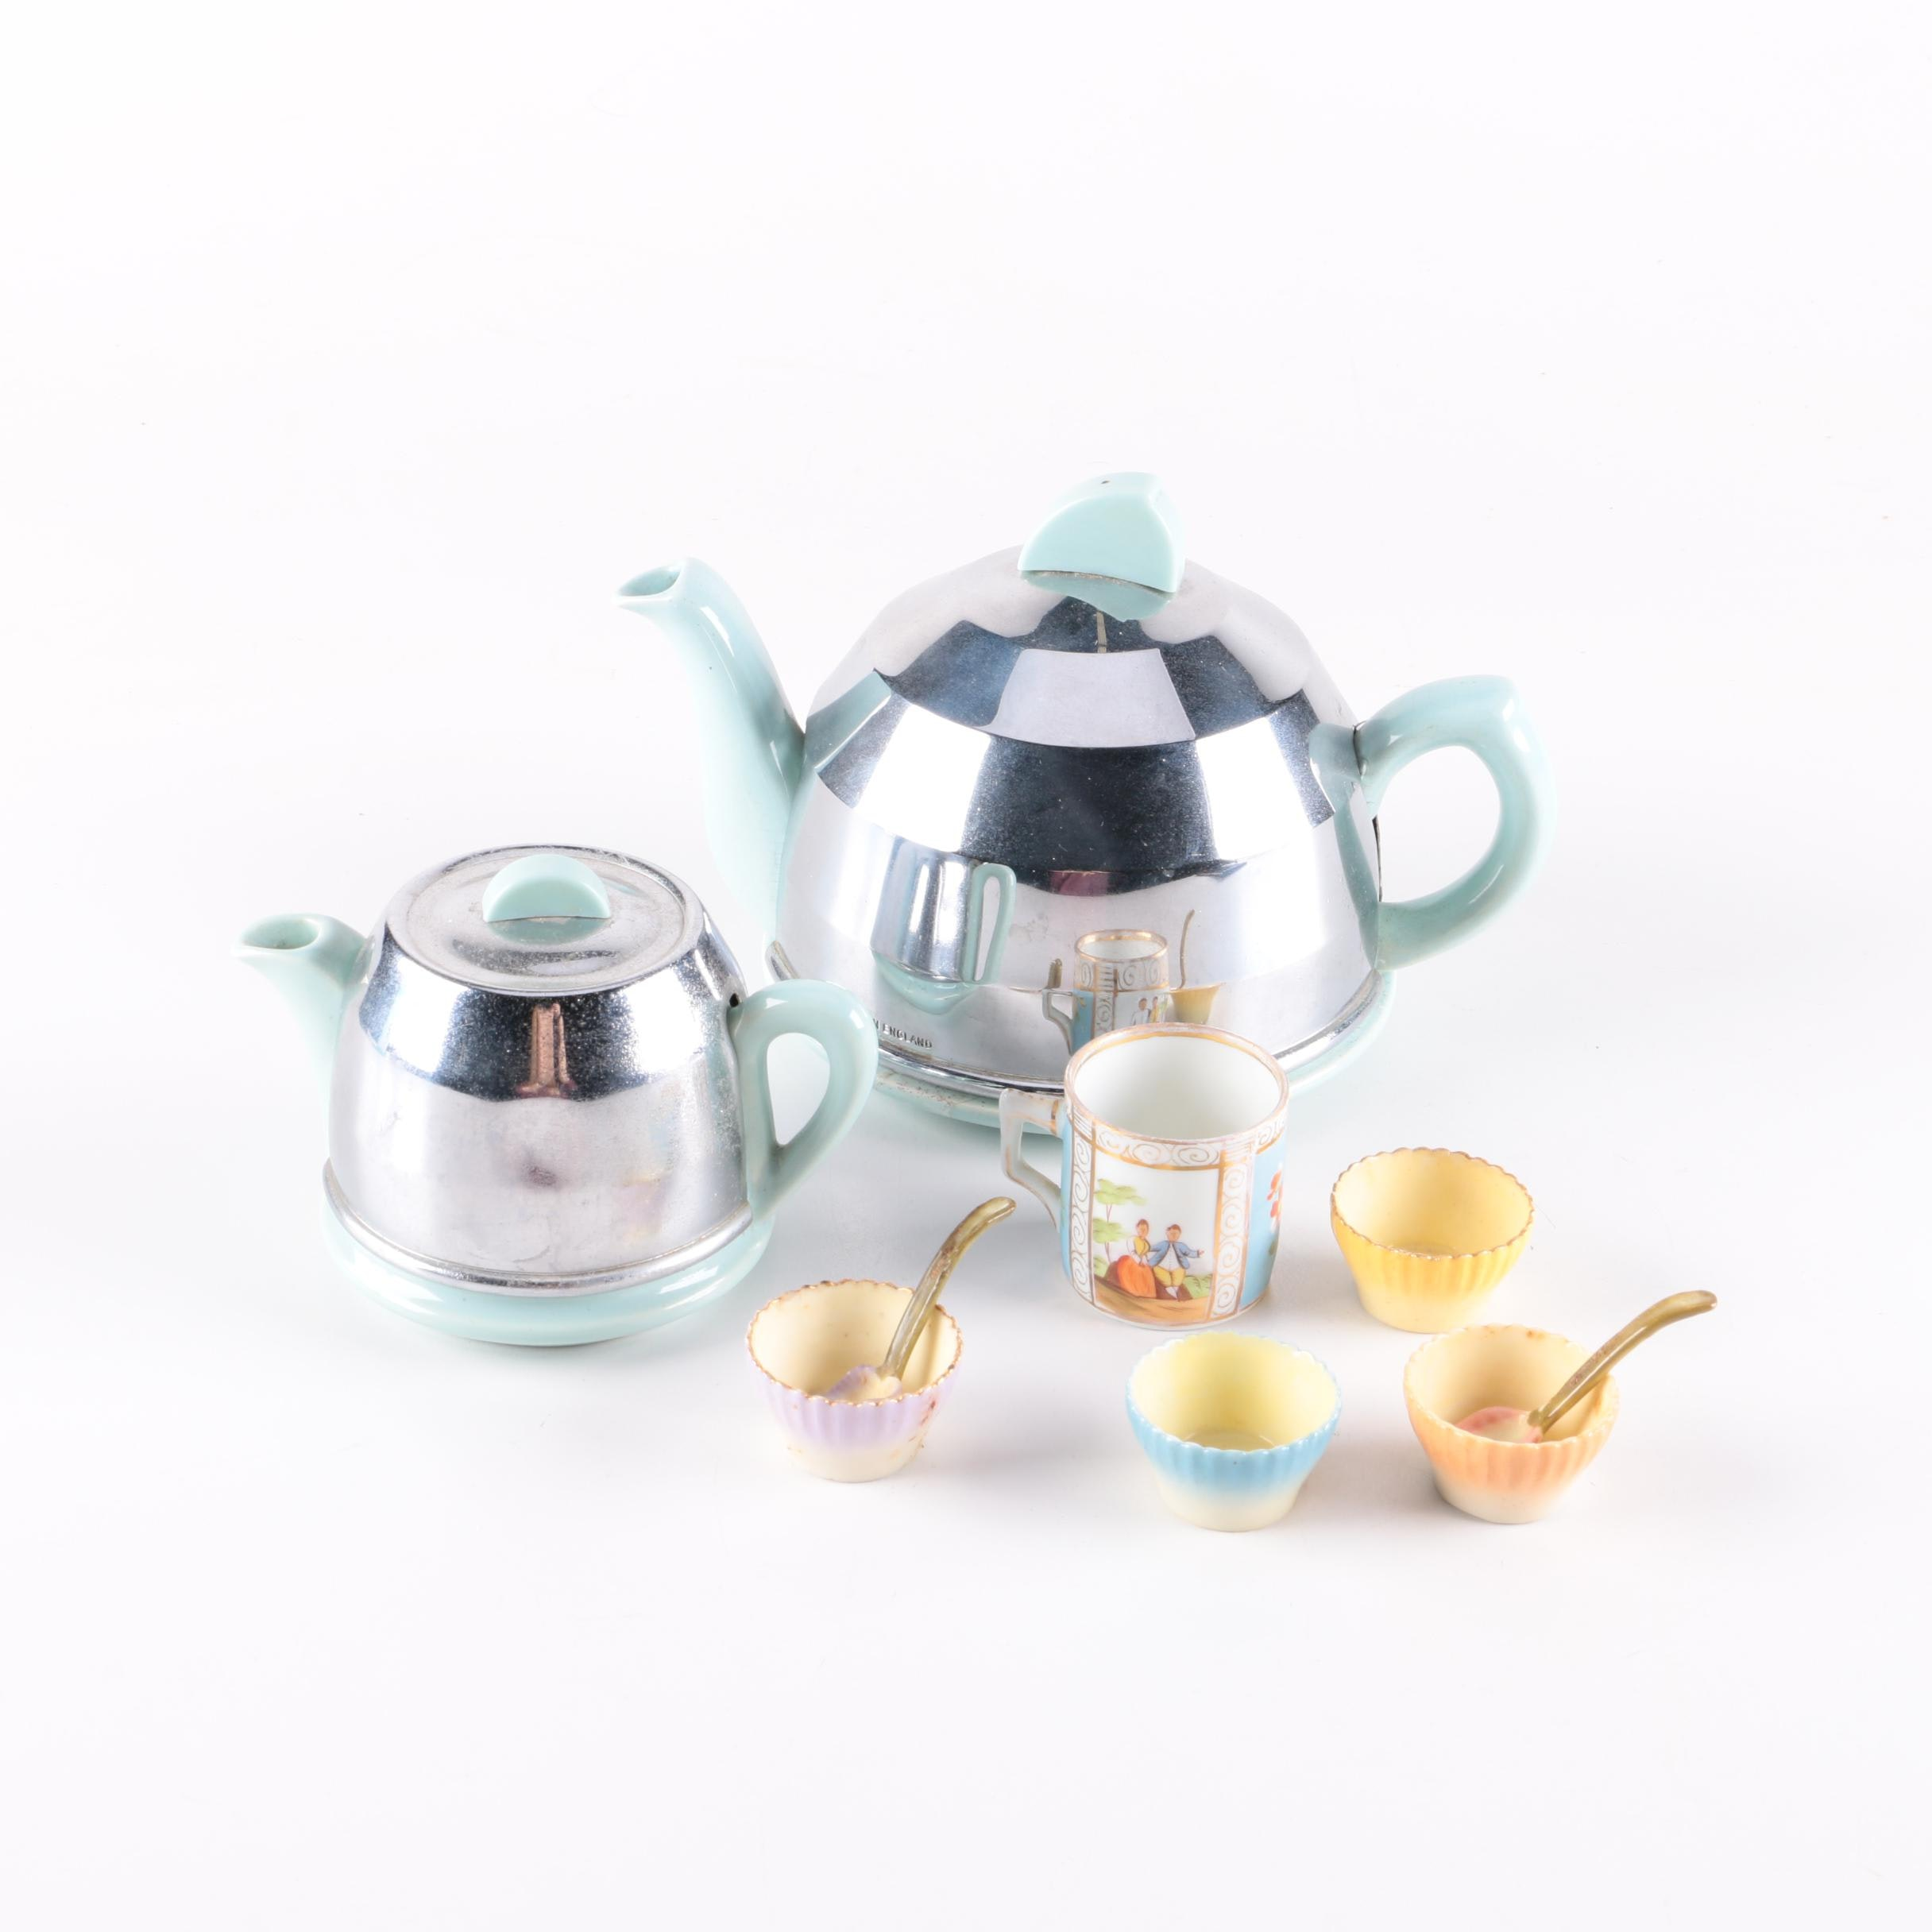 Ceramic Teapot and Tableware